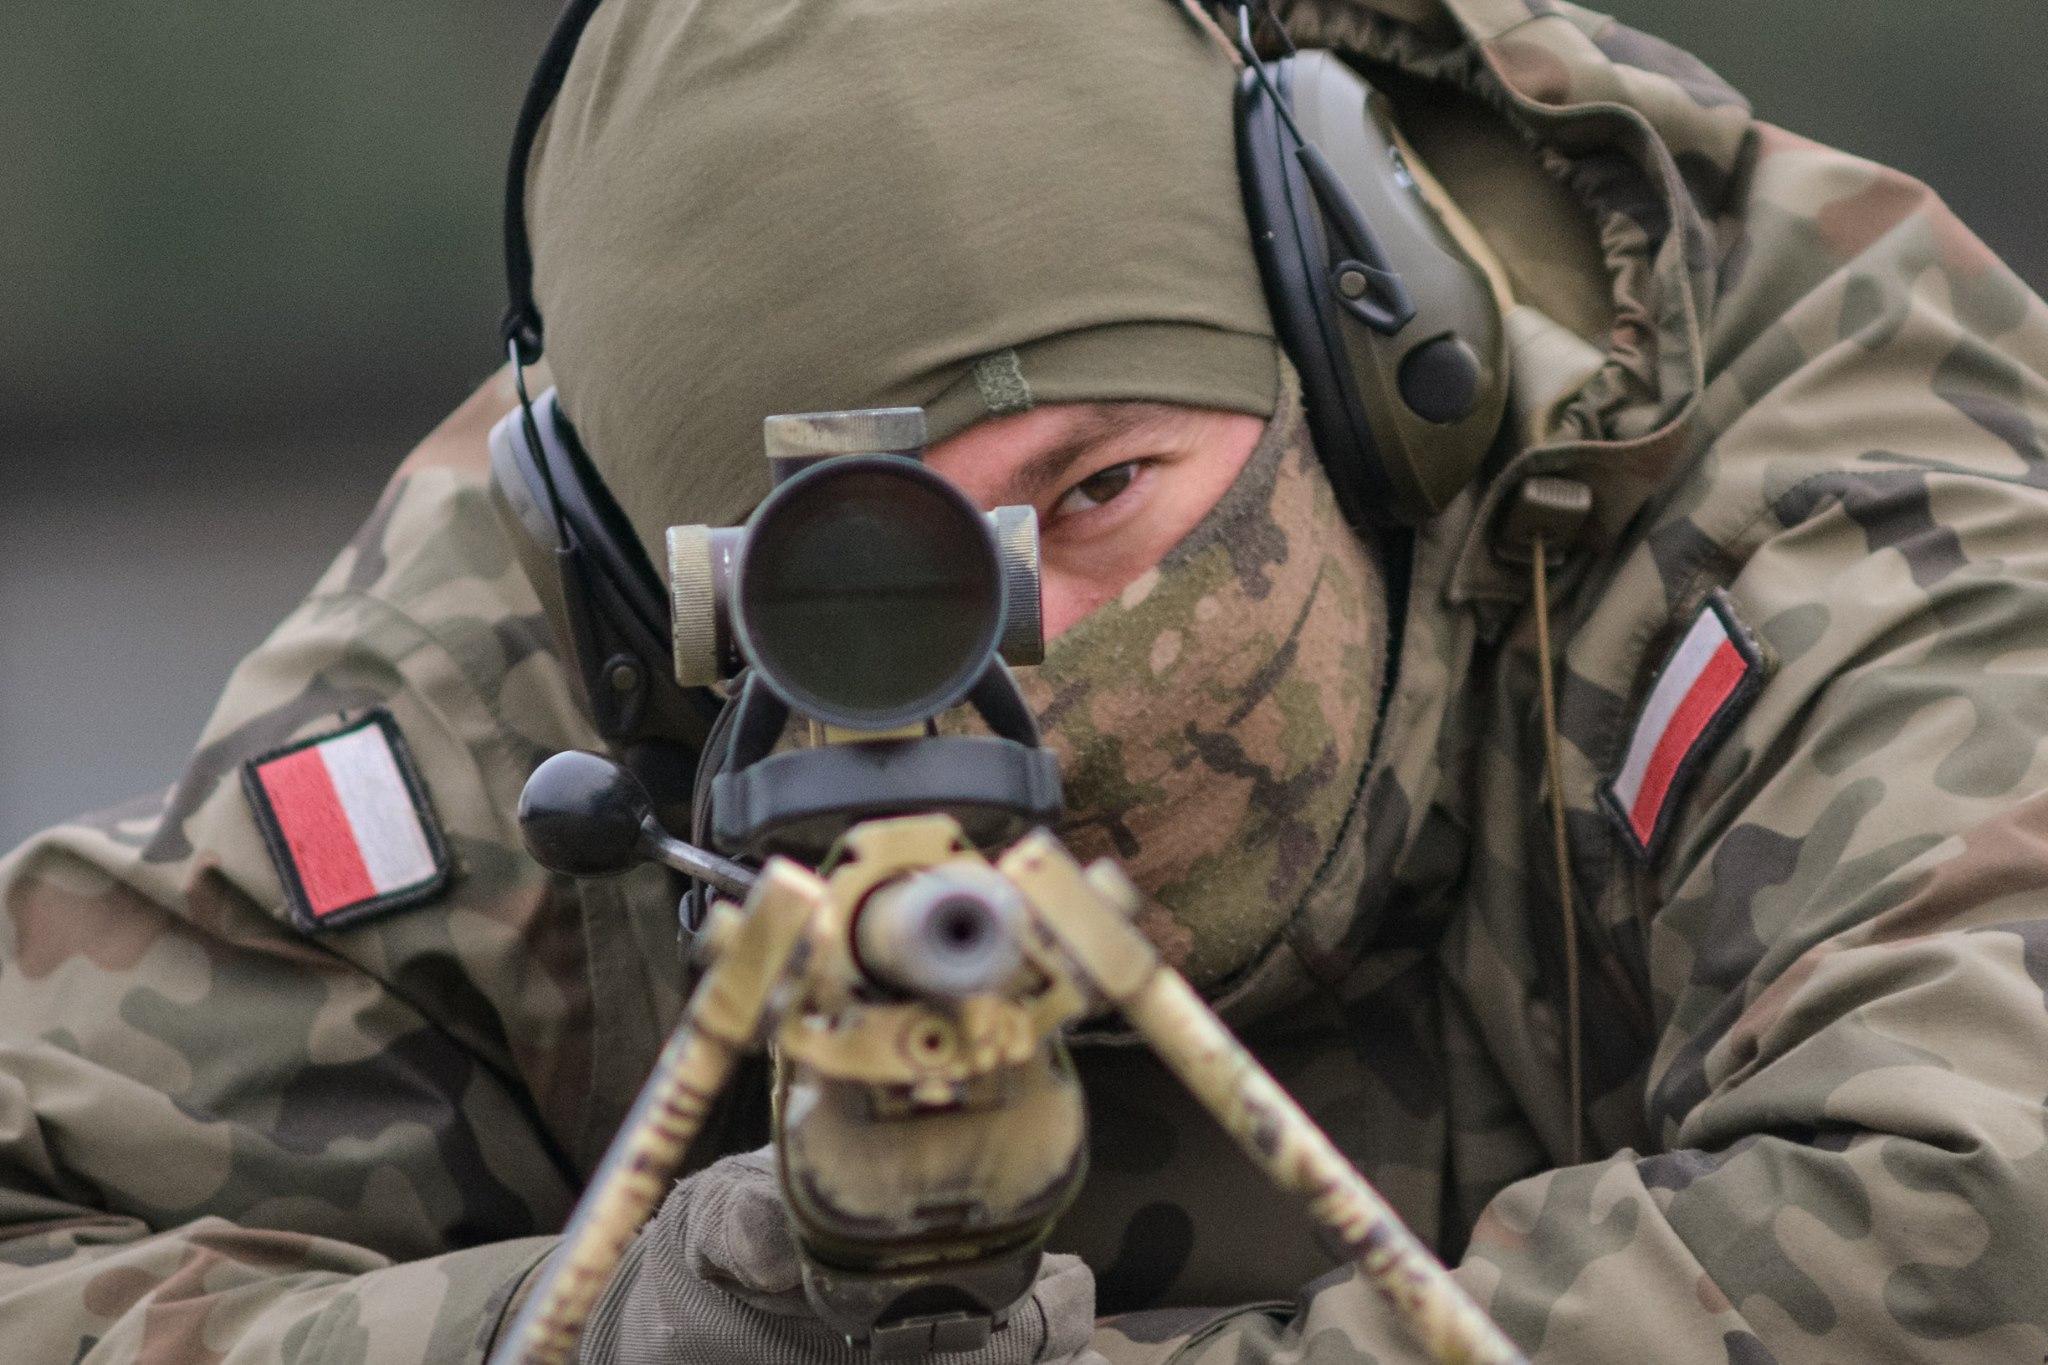 Польша рассчитывает на основную поддержку - со стороны Вашингтона